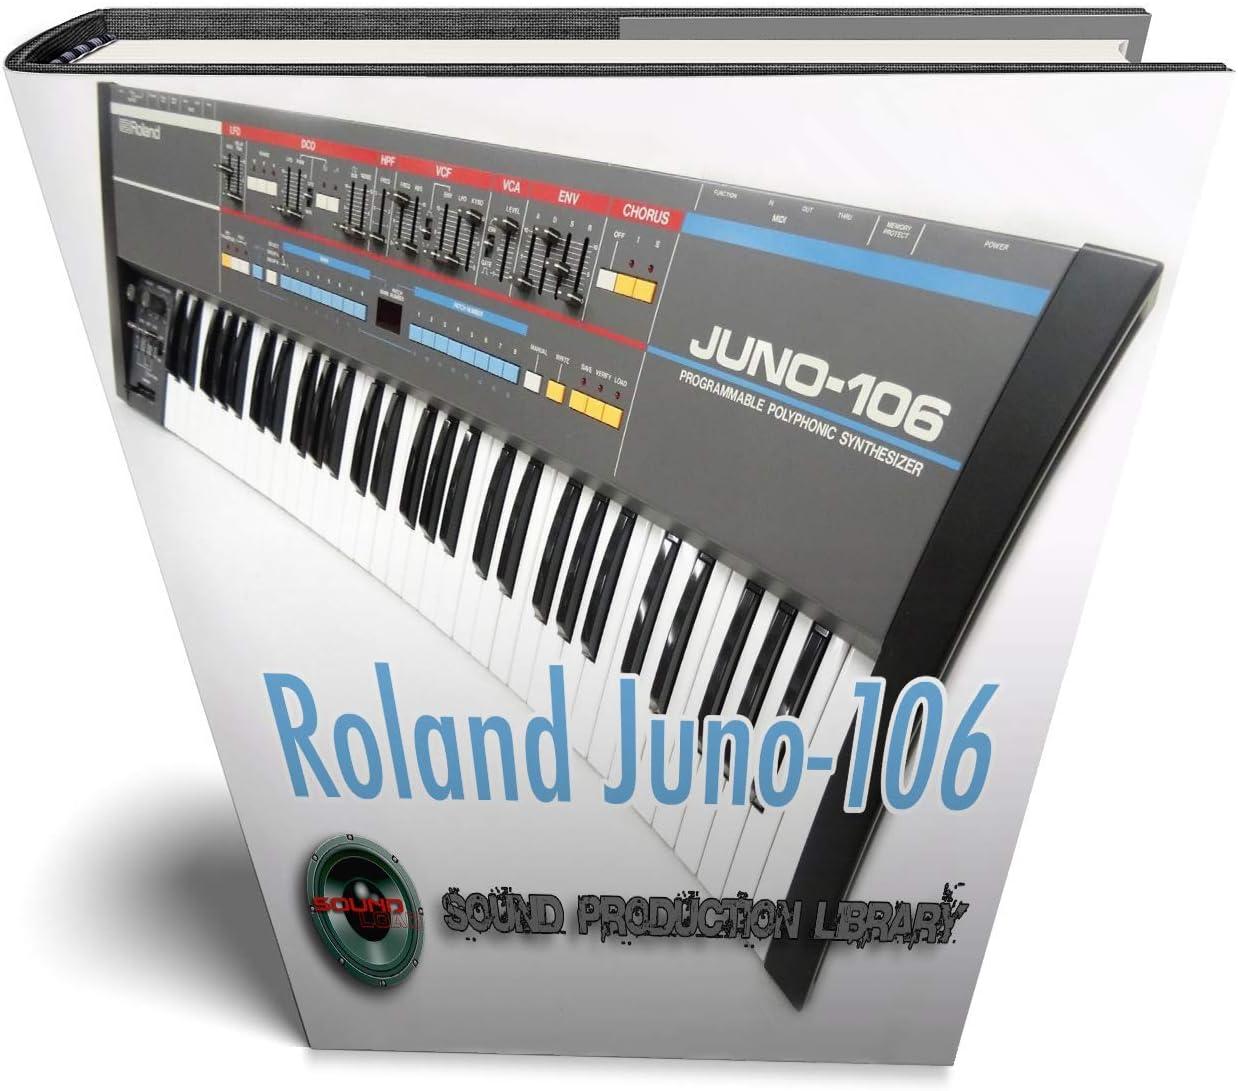 Para Roland Juno-106 – el King of sonido analógico ...